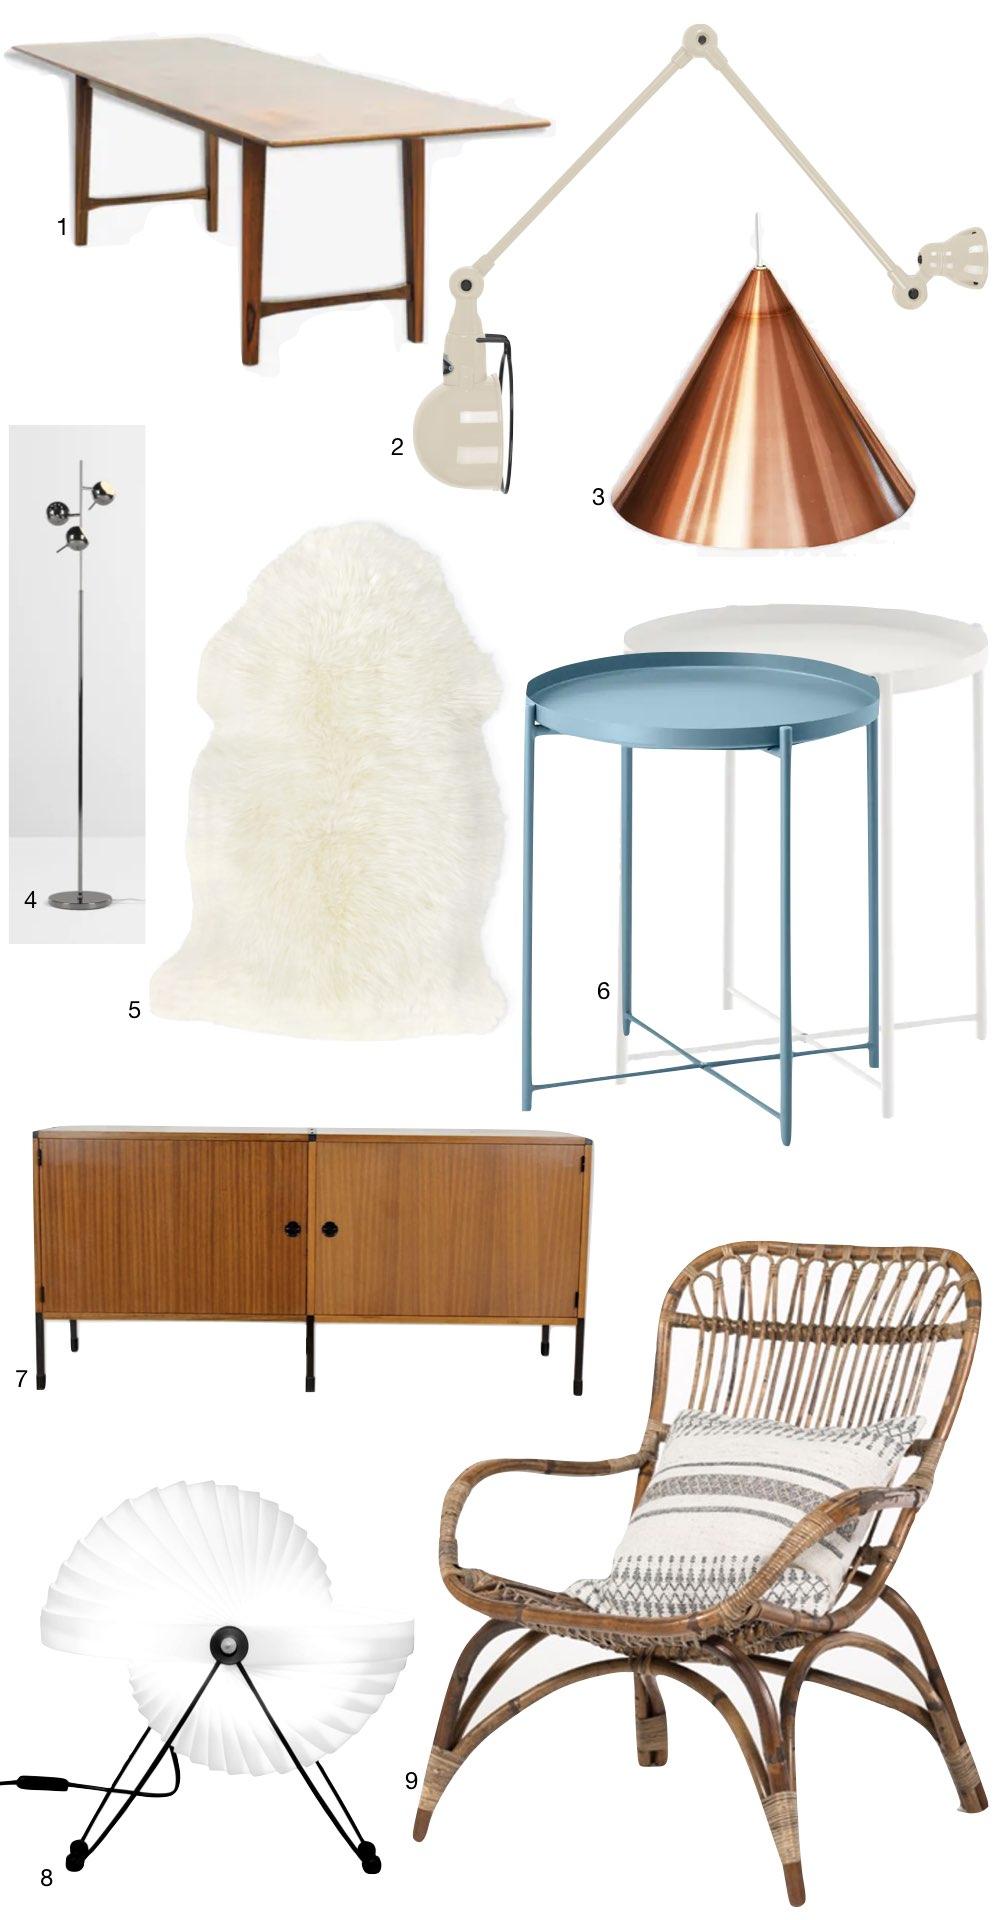 design mobilier meuble iconique emblématique années 50 fifties mid-century Renz Fabricius